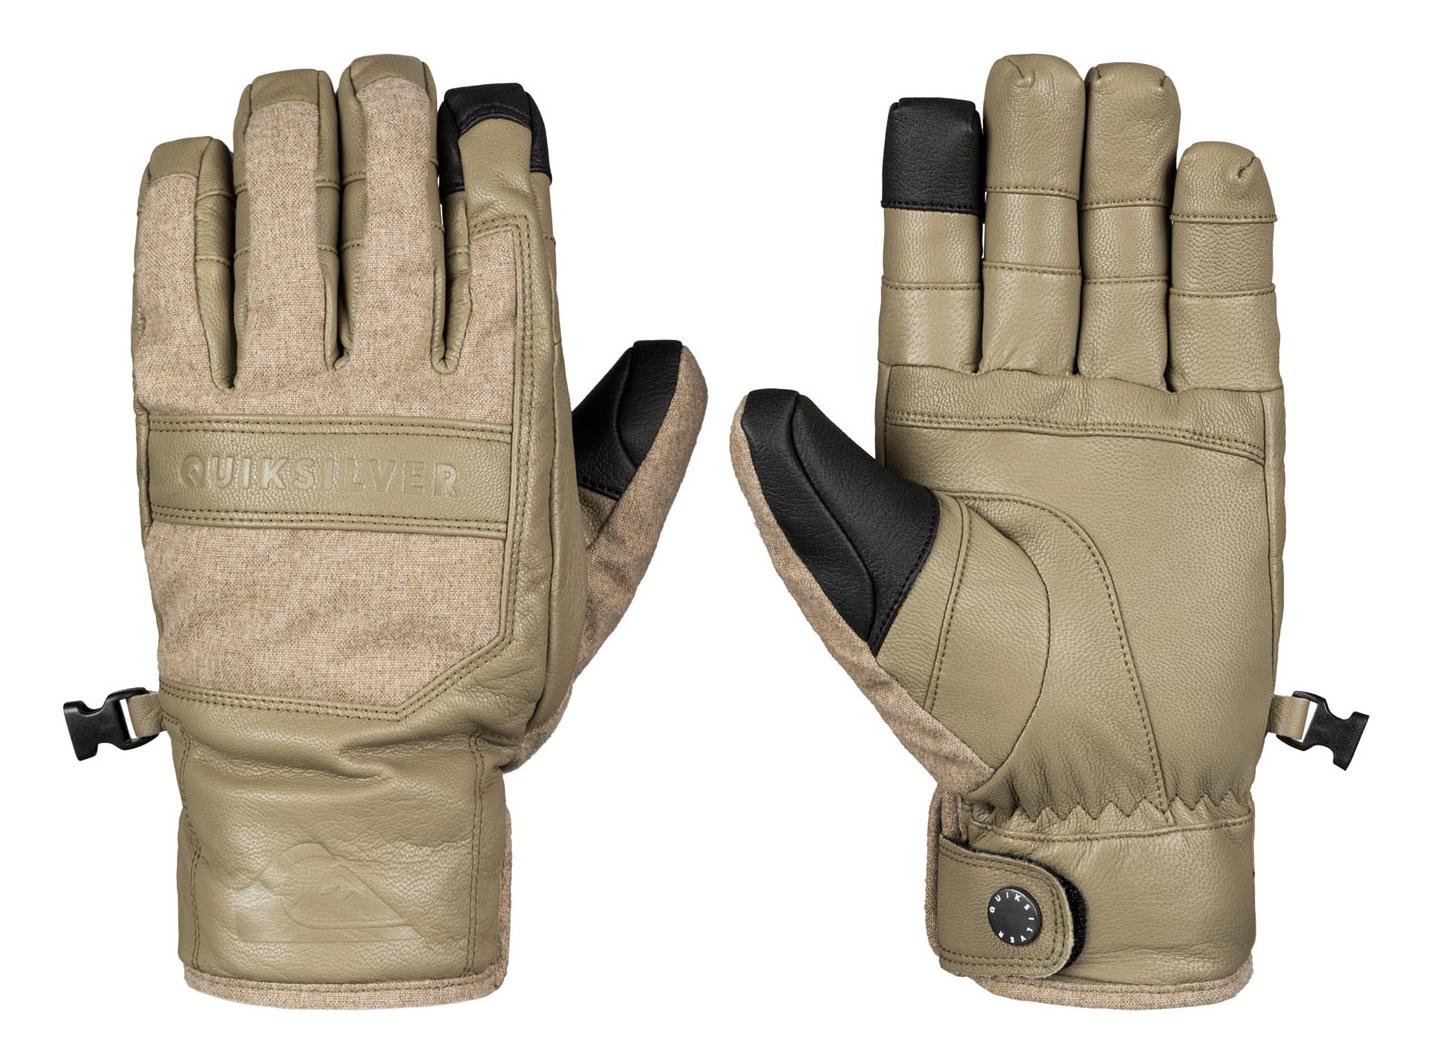 Quiksilver: Wildcat Glove